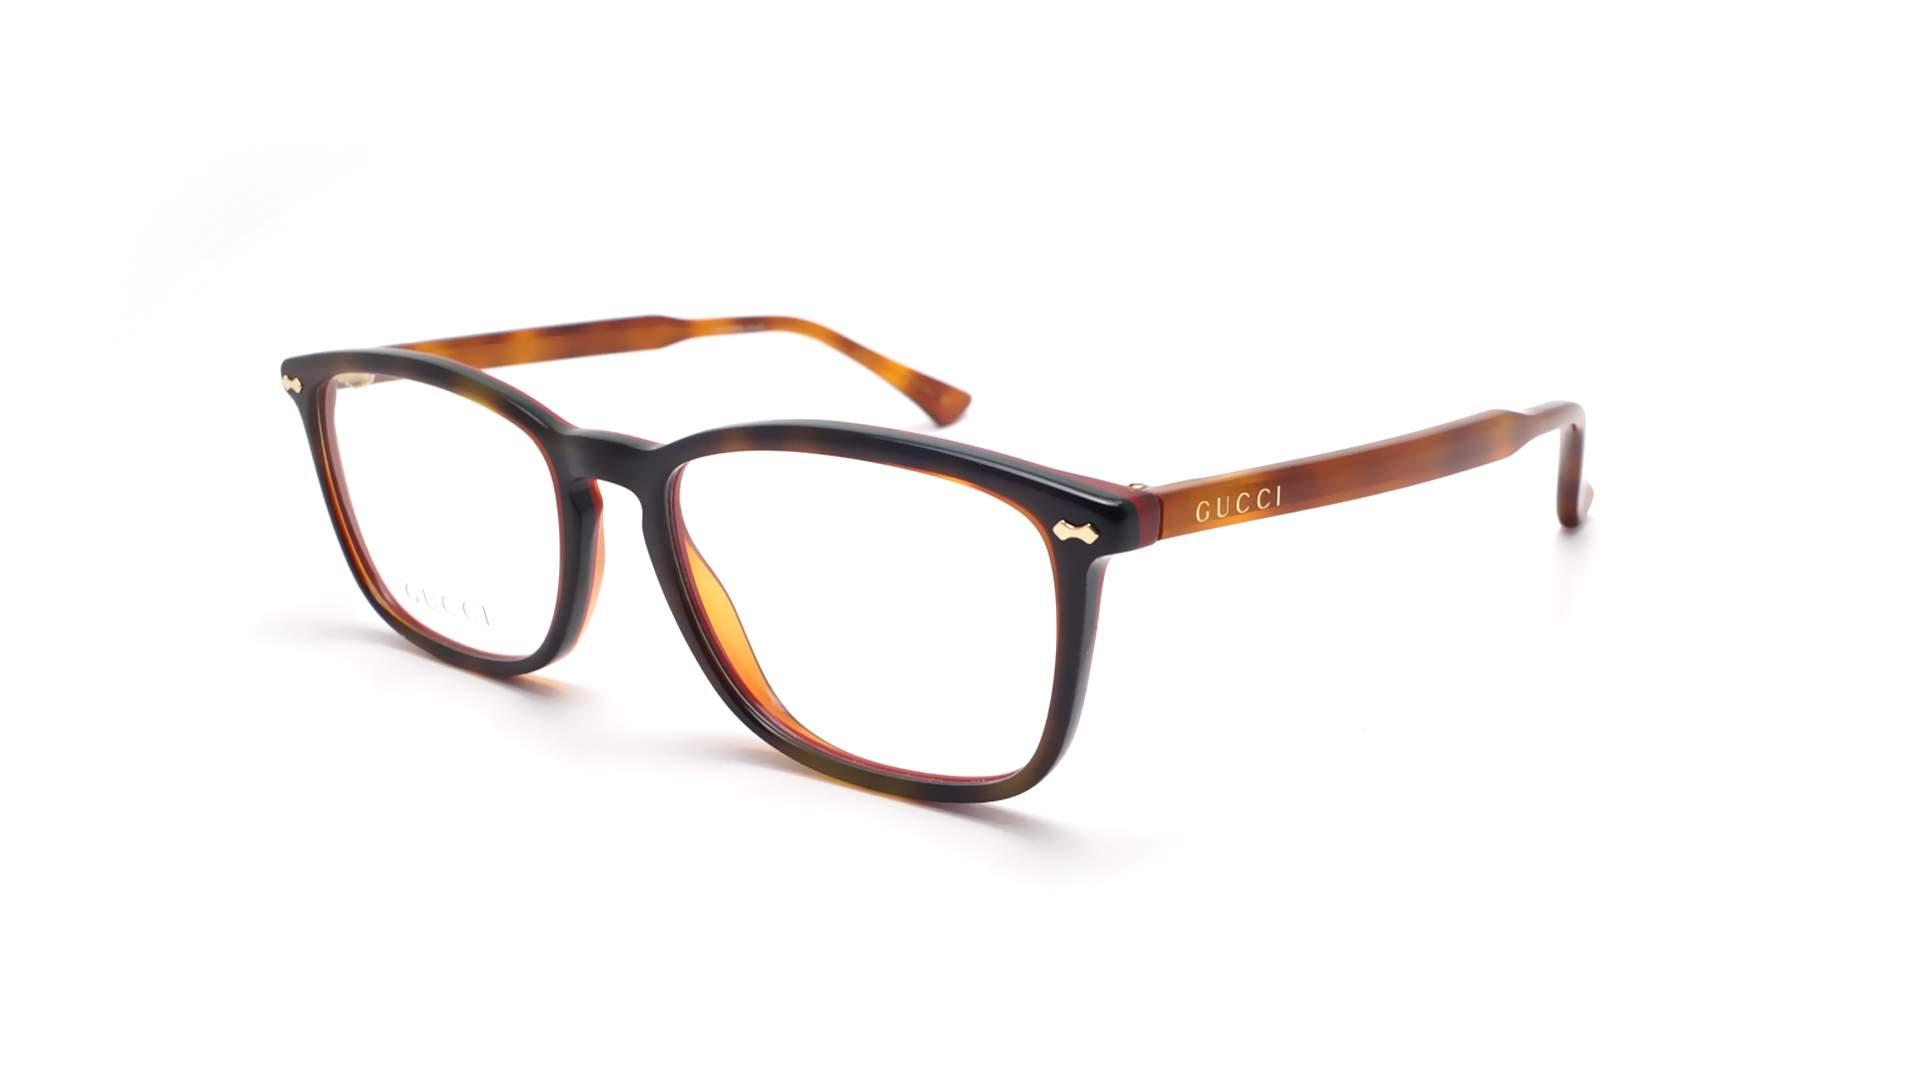 bba0bfb56f3fc5 Brillen Gucci GG0188O 005 53-18 Havana Mittel